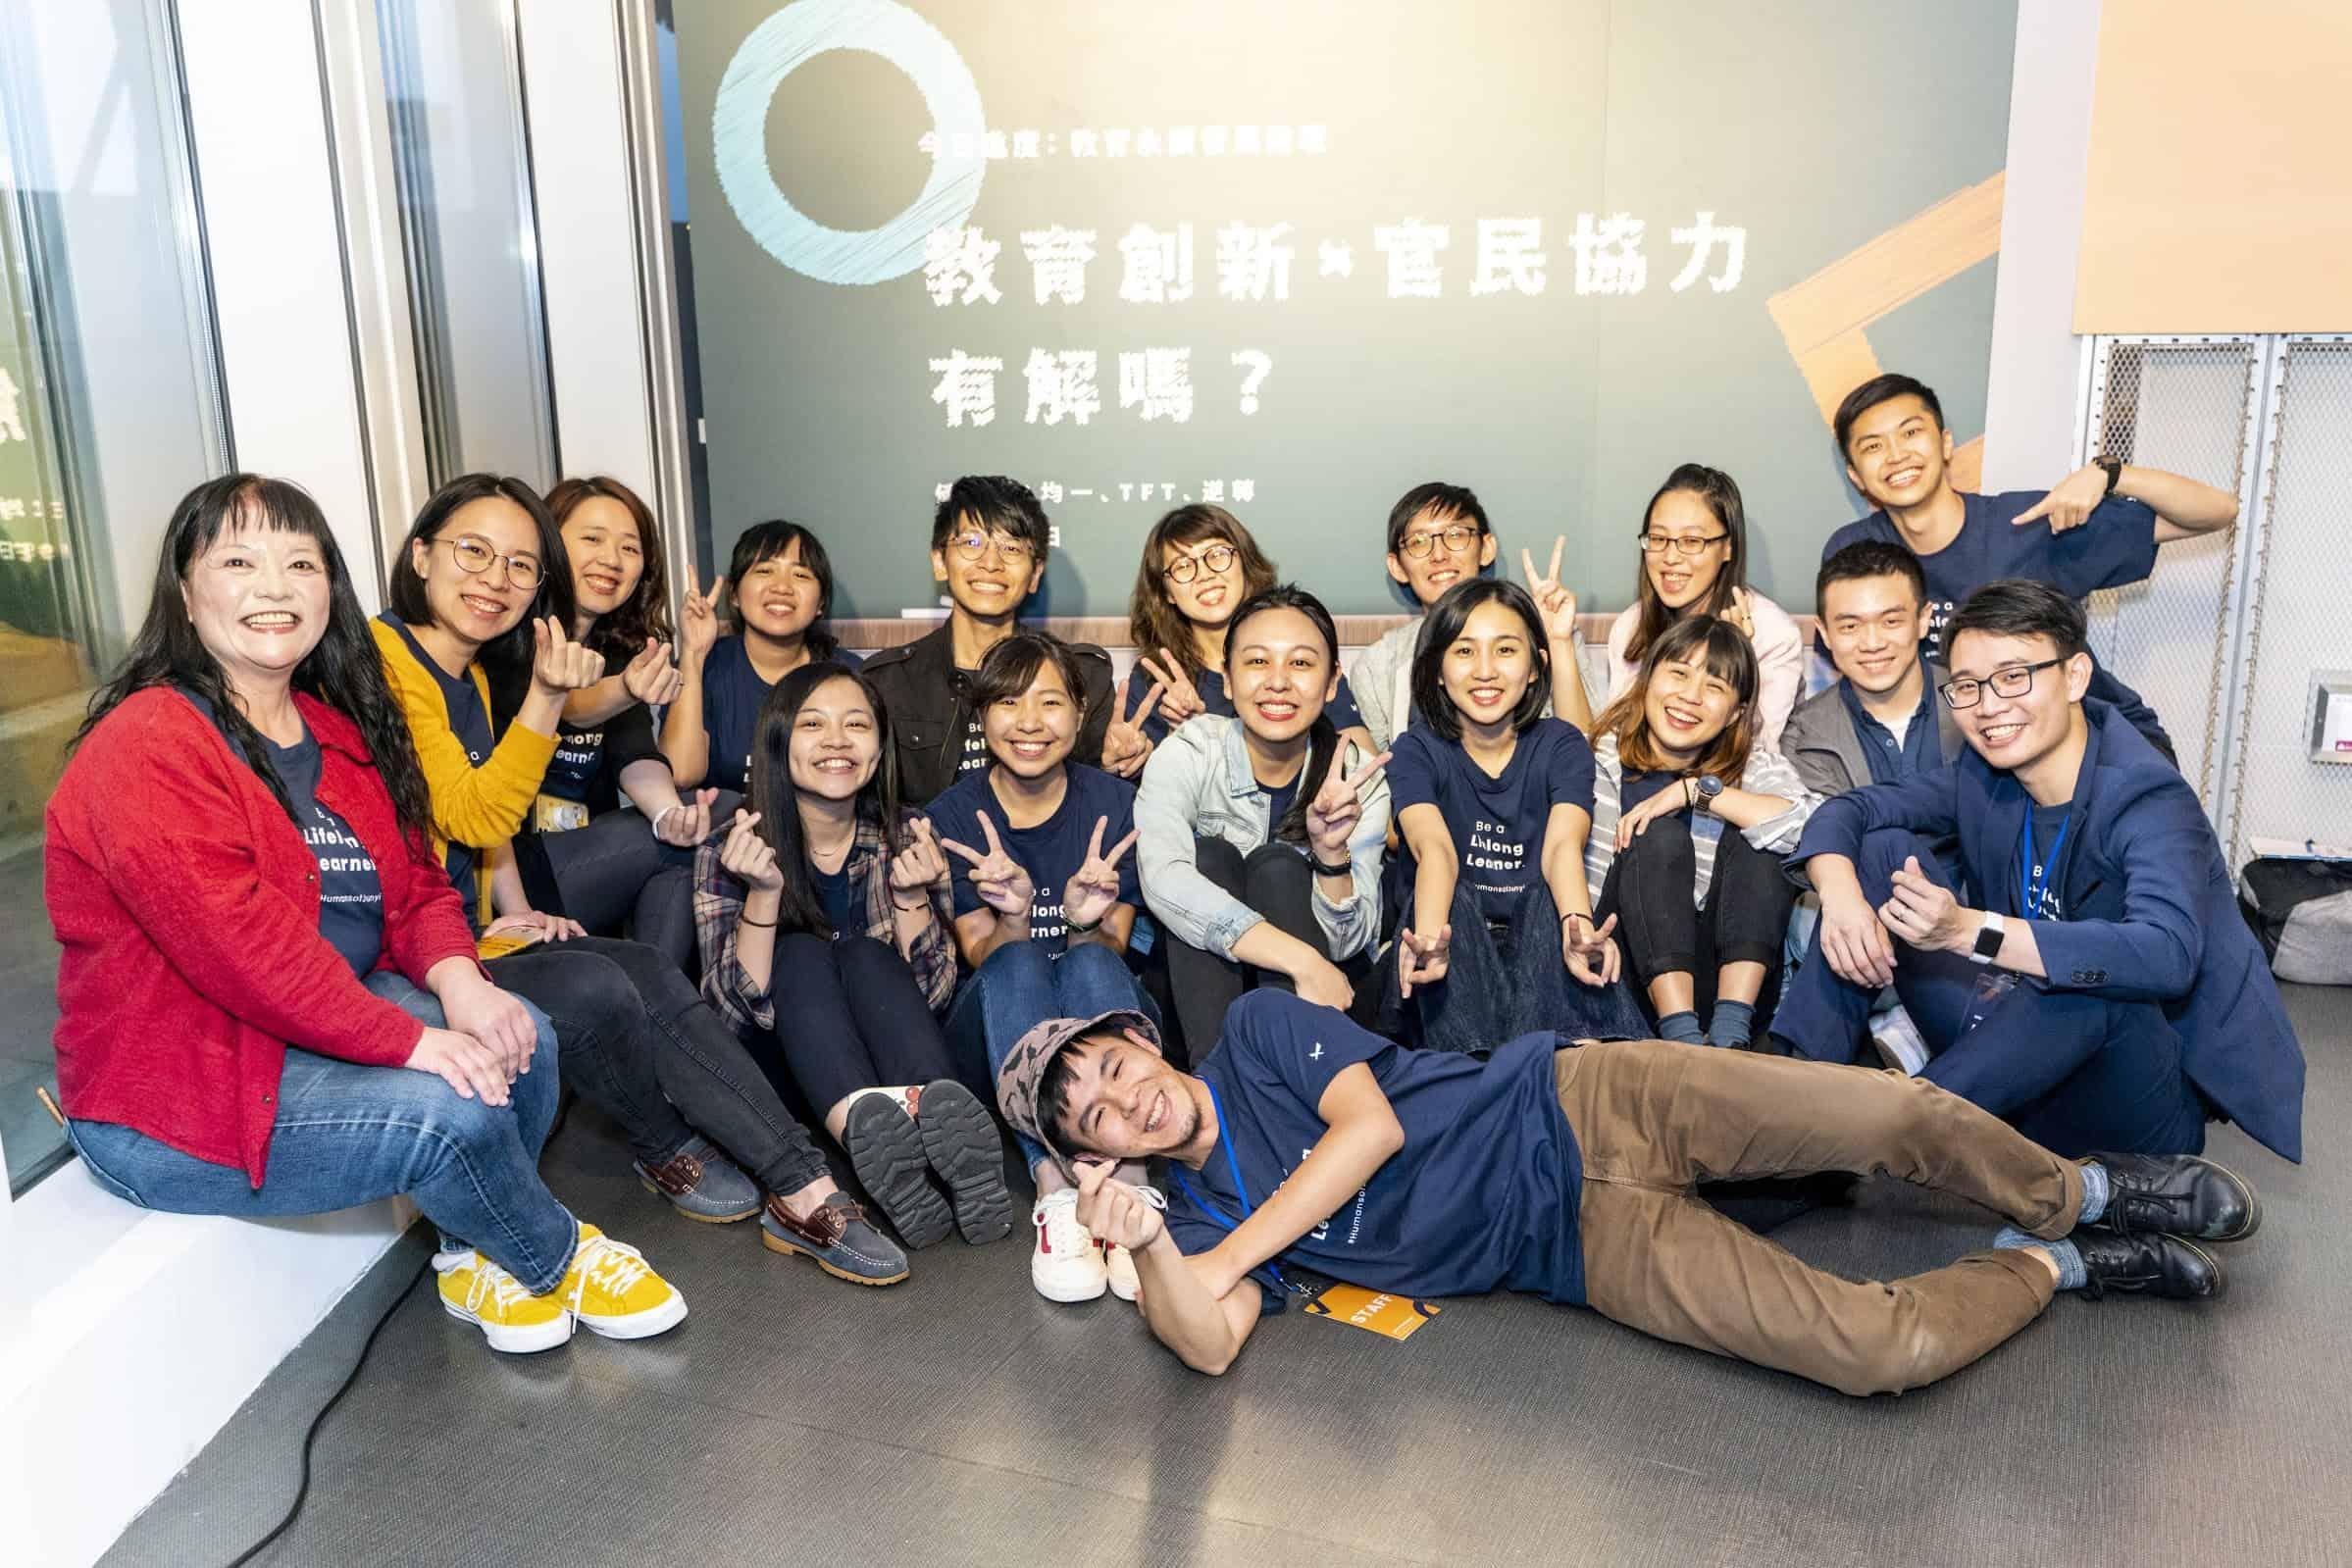 圖為均一夥伴舉辦教育論壇完的大合照,縱使辛苦,大家依然笑得很開心。 因為我們是一群樂於為台灣教育創造改變的夥伴!